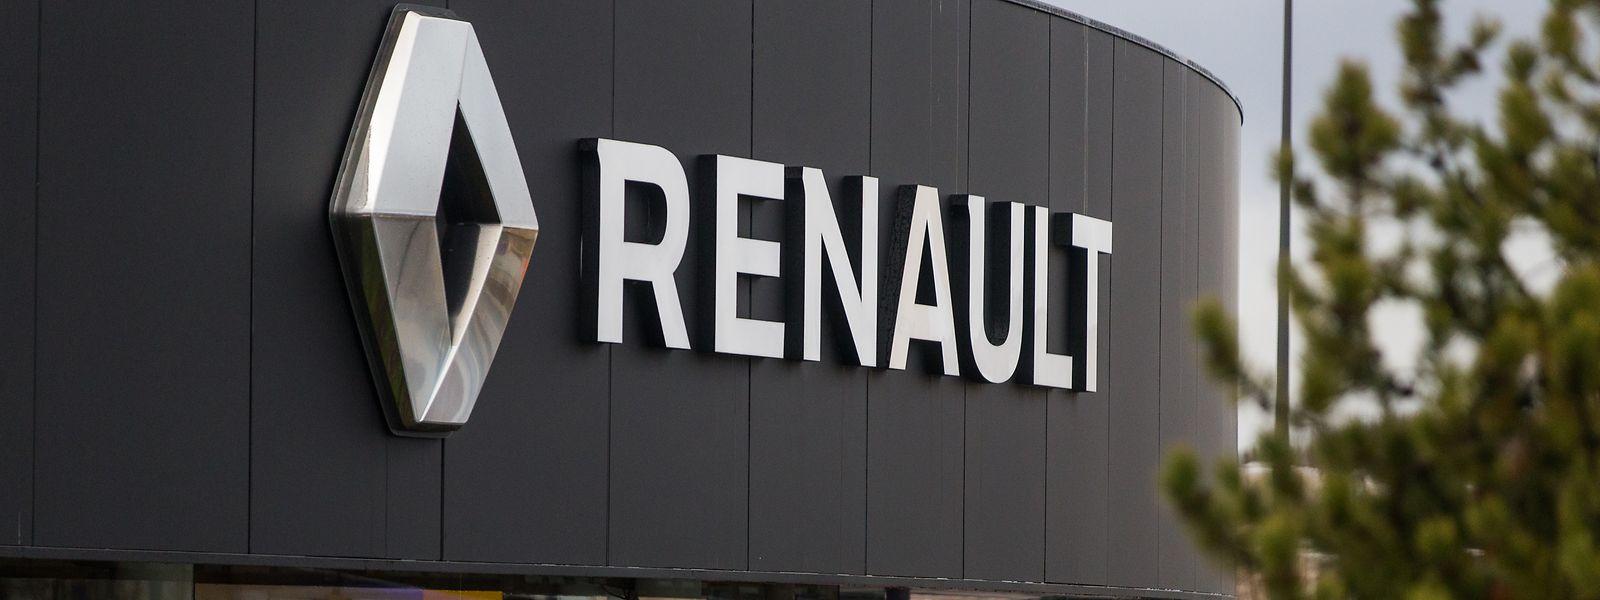 Seit der Affäre um den Ex-Chef Carlos Ghosn ist renault unter Druck: Renault.